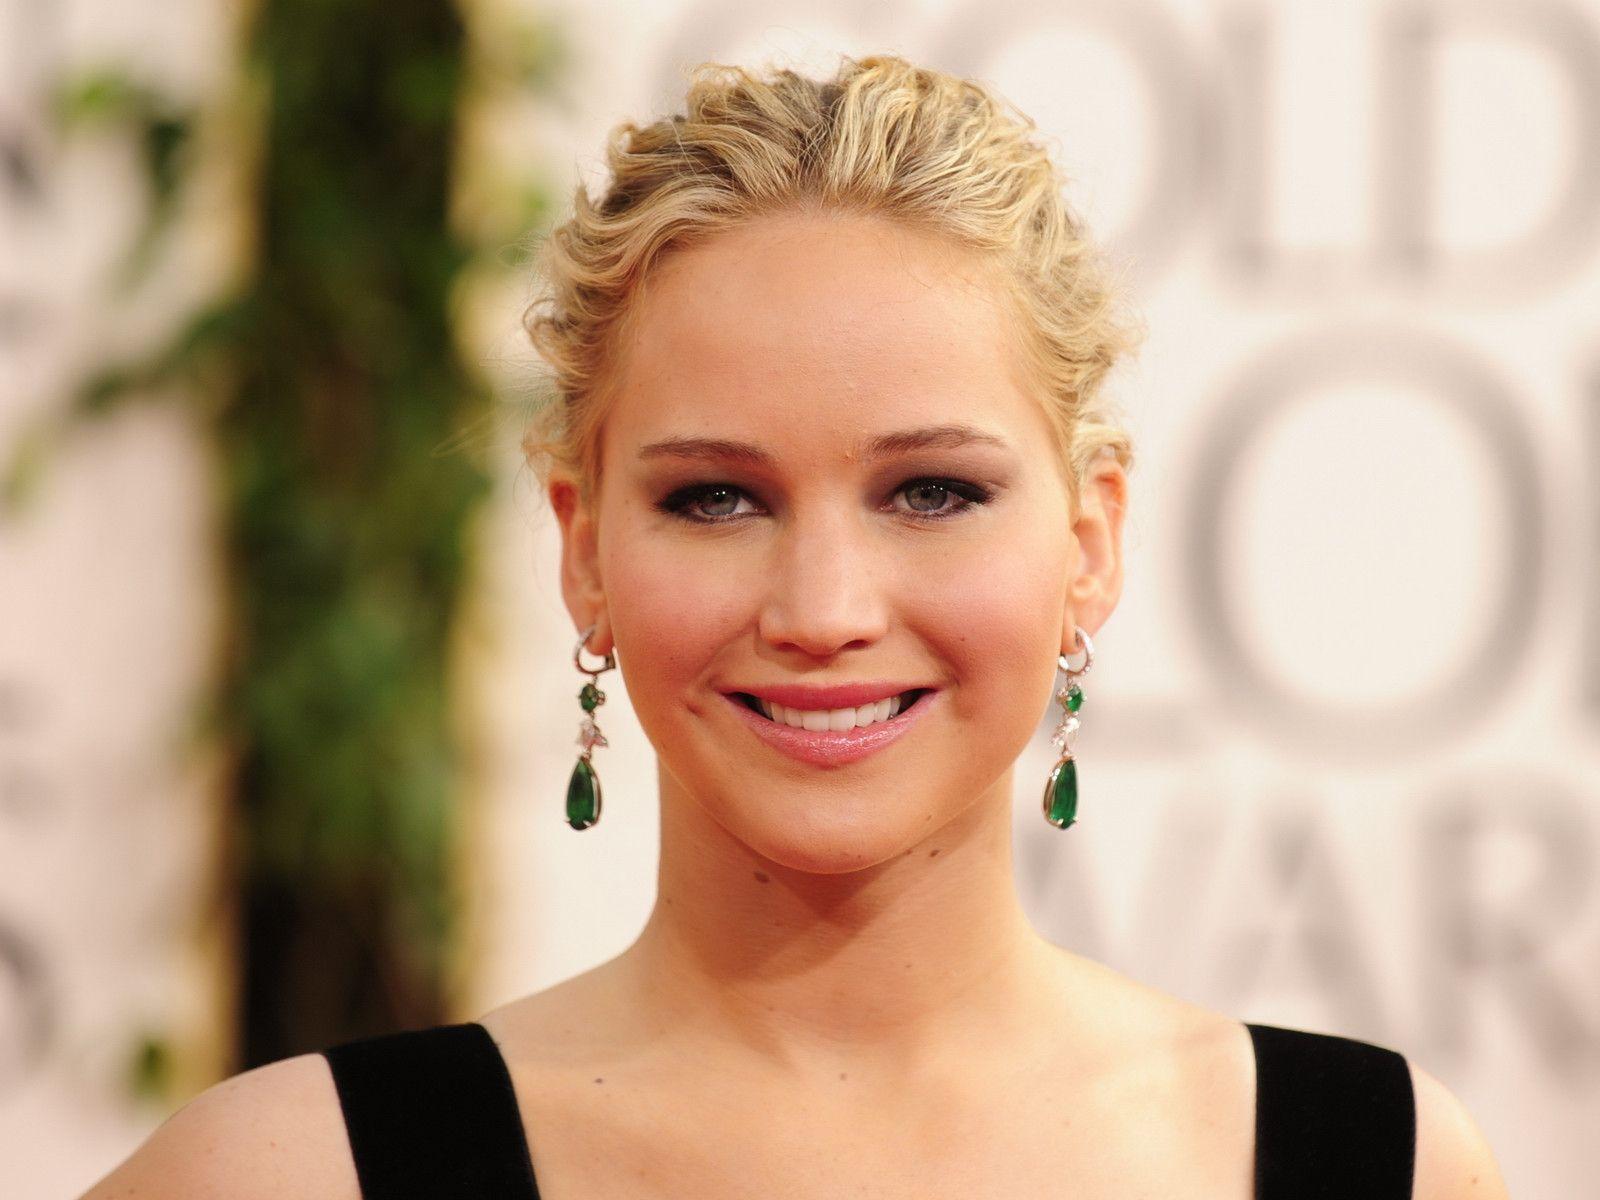 Jennifer Lawrence Hd Background Wallpaper 49 HD Wallpapers | www ...